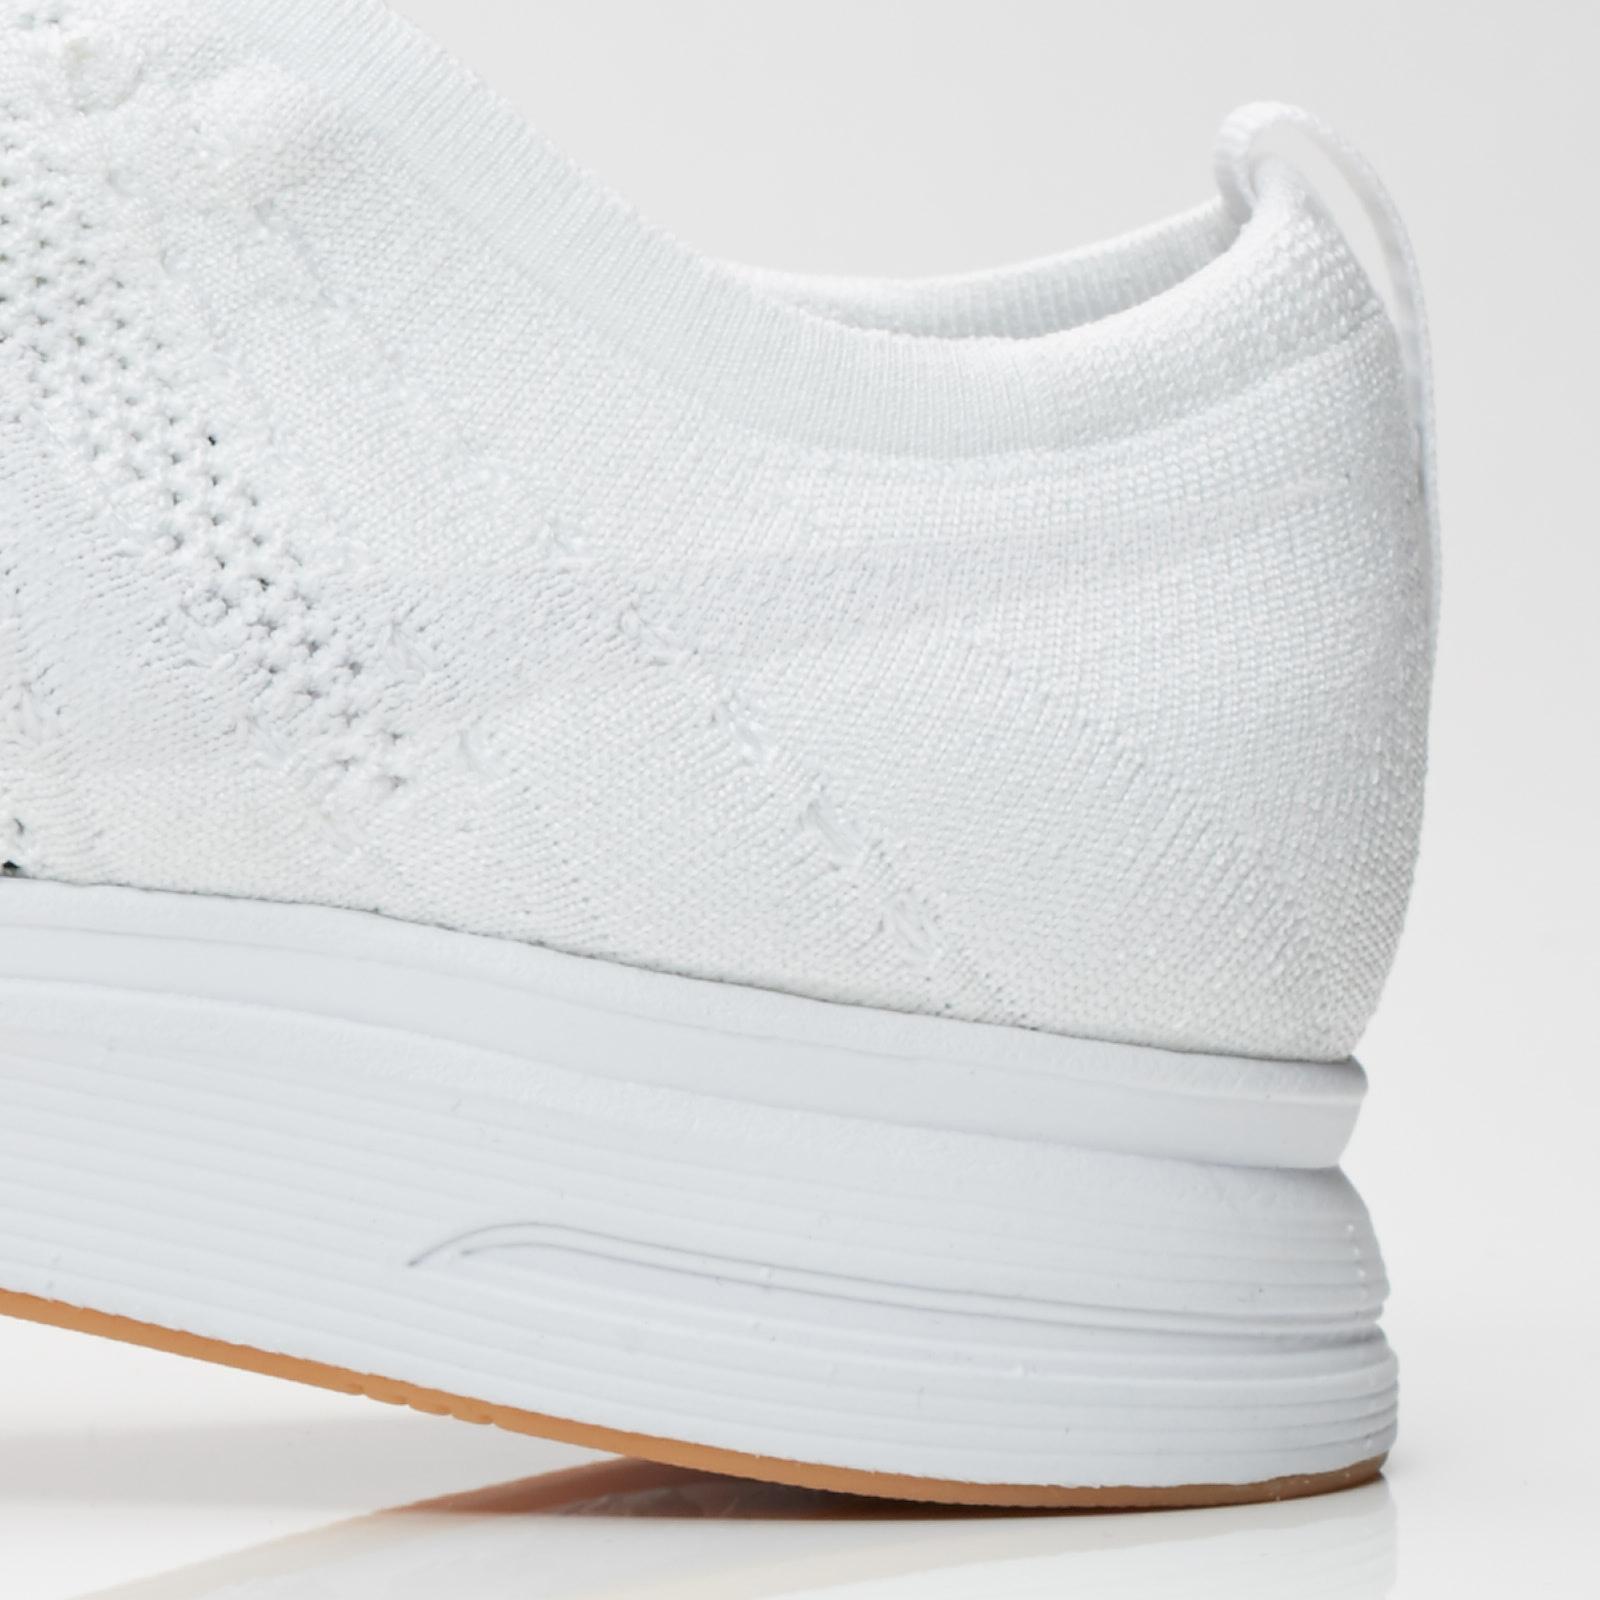 Nike Flyknit Trainer - Ah8396-102 - Sneakersnstuff  b1f7da60e